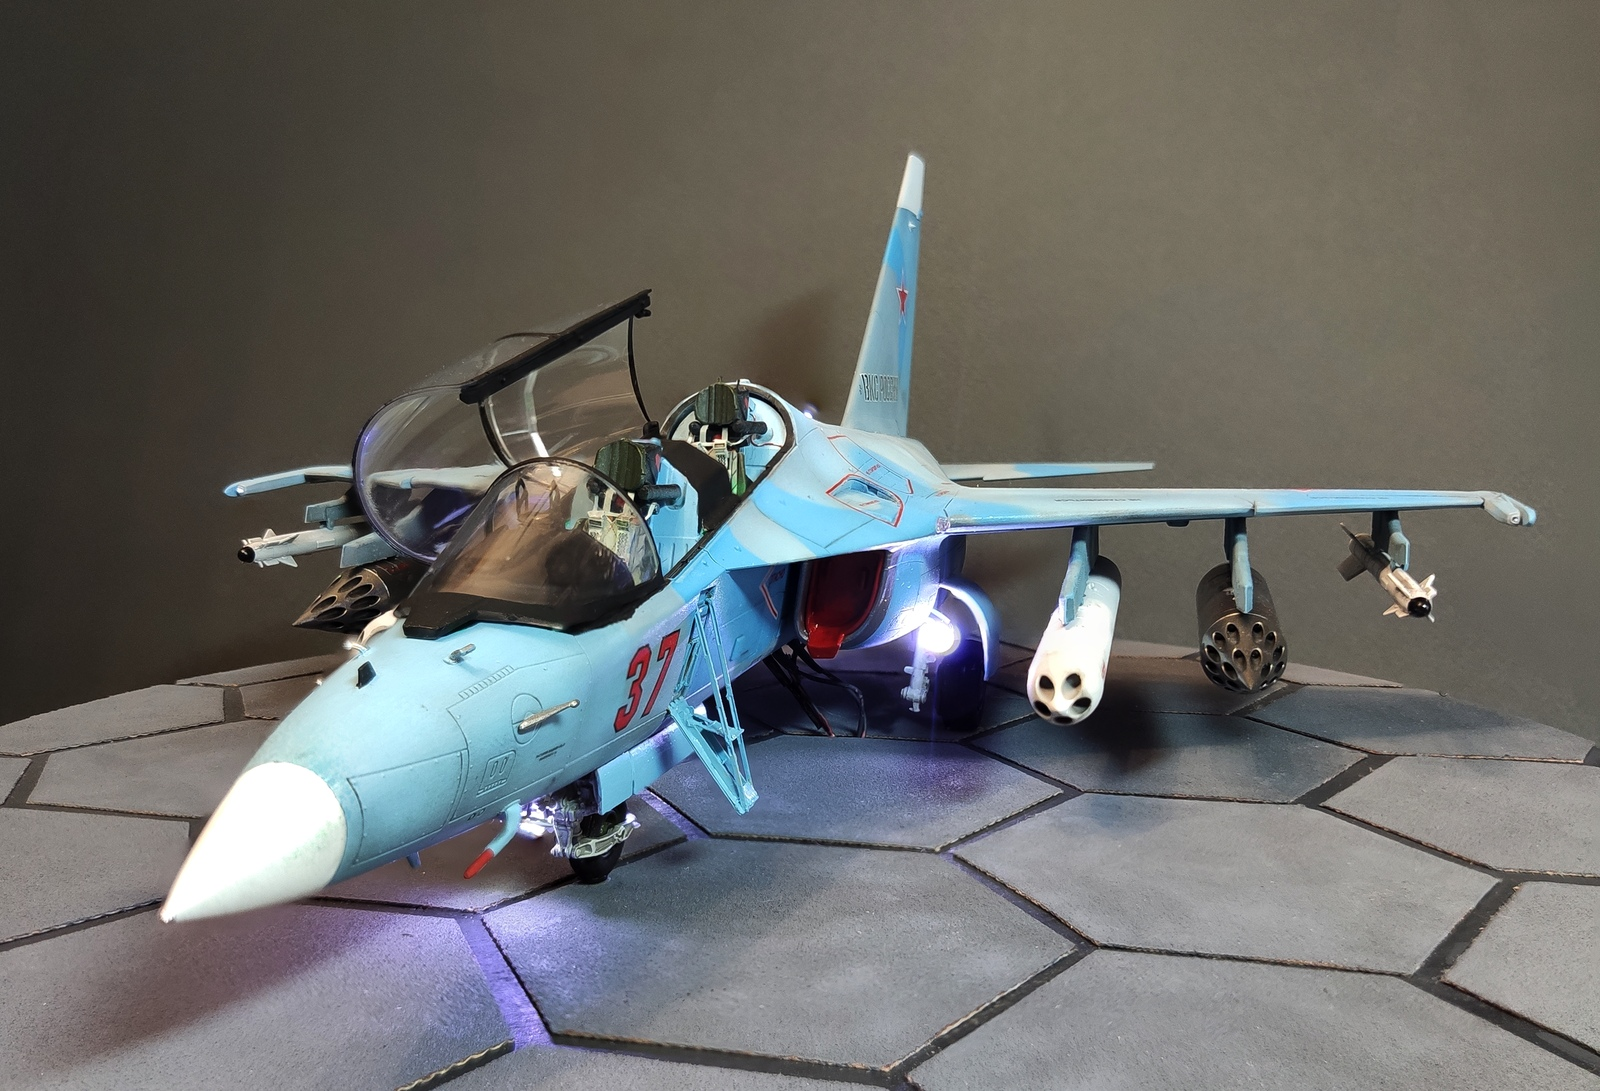 Сборка модели самолета ЯК-130 с подсветкой